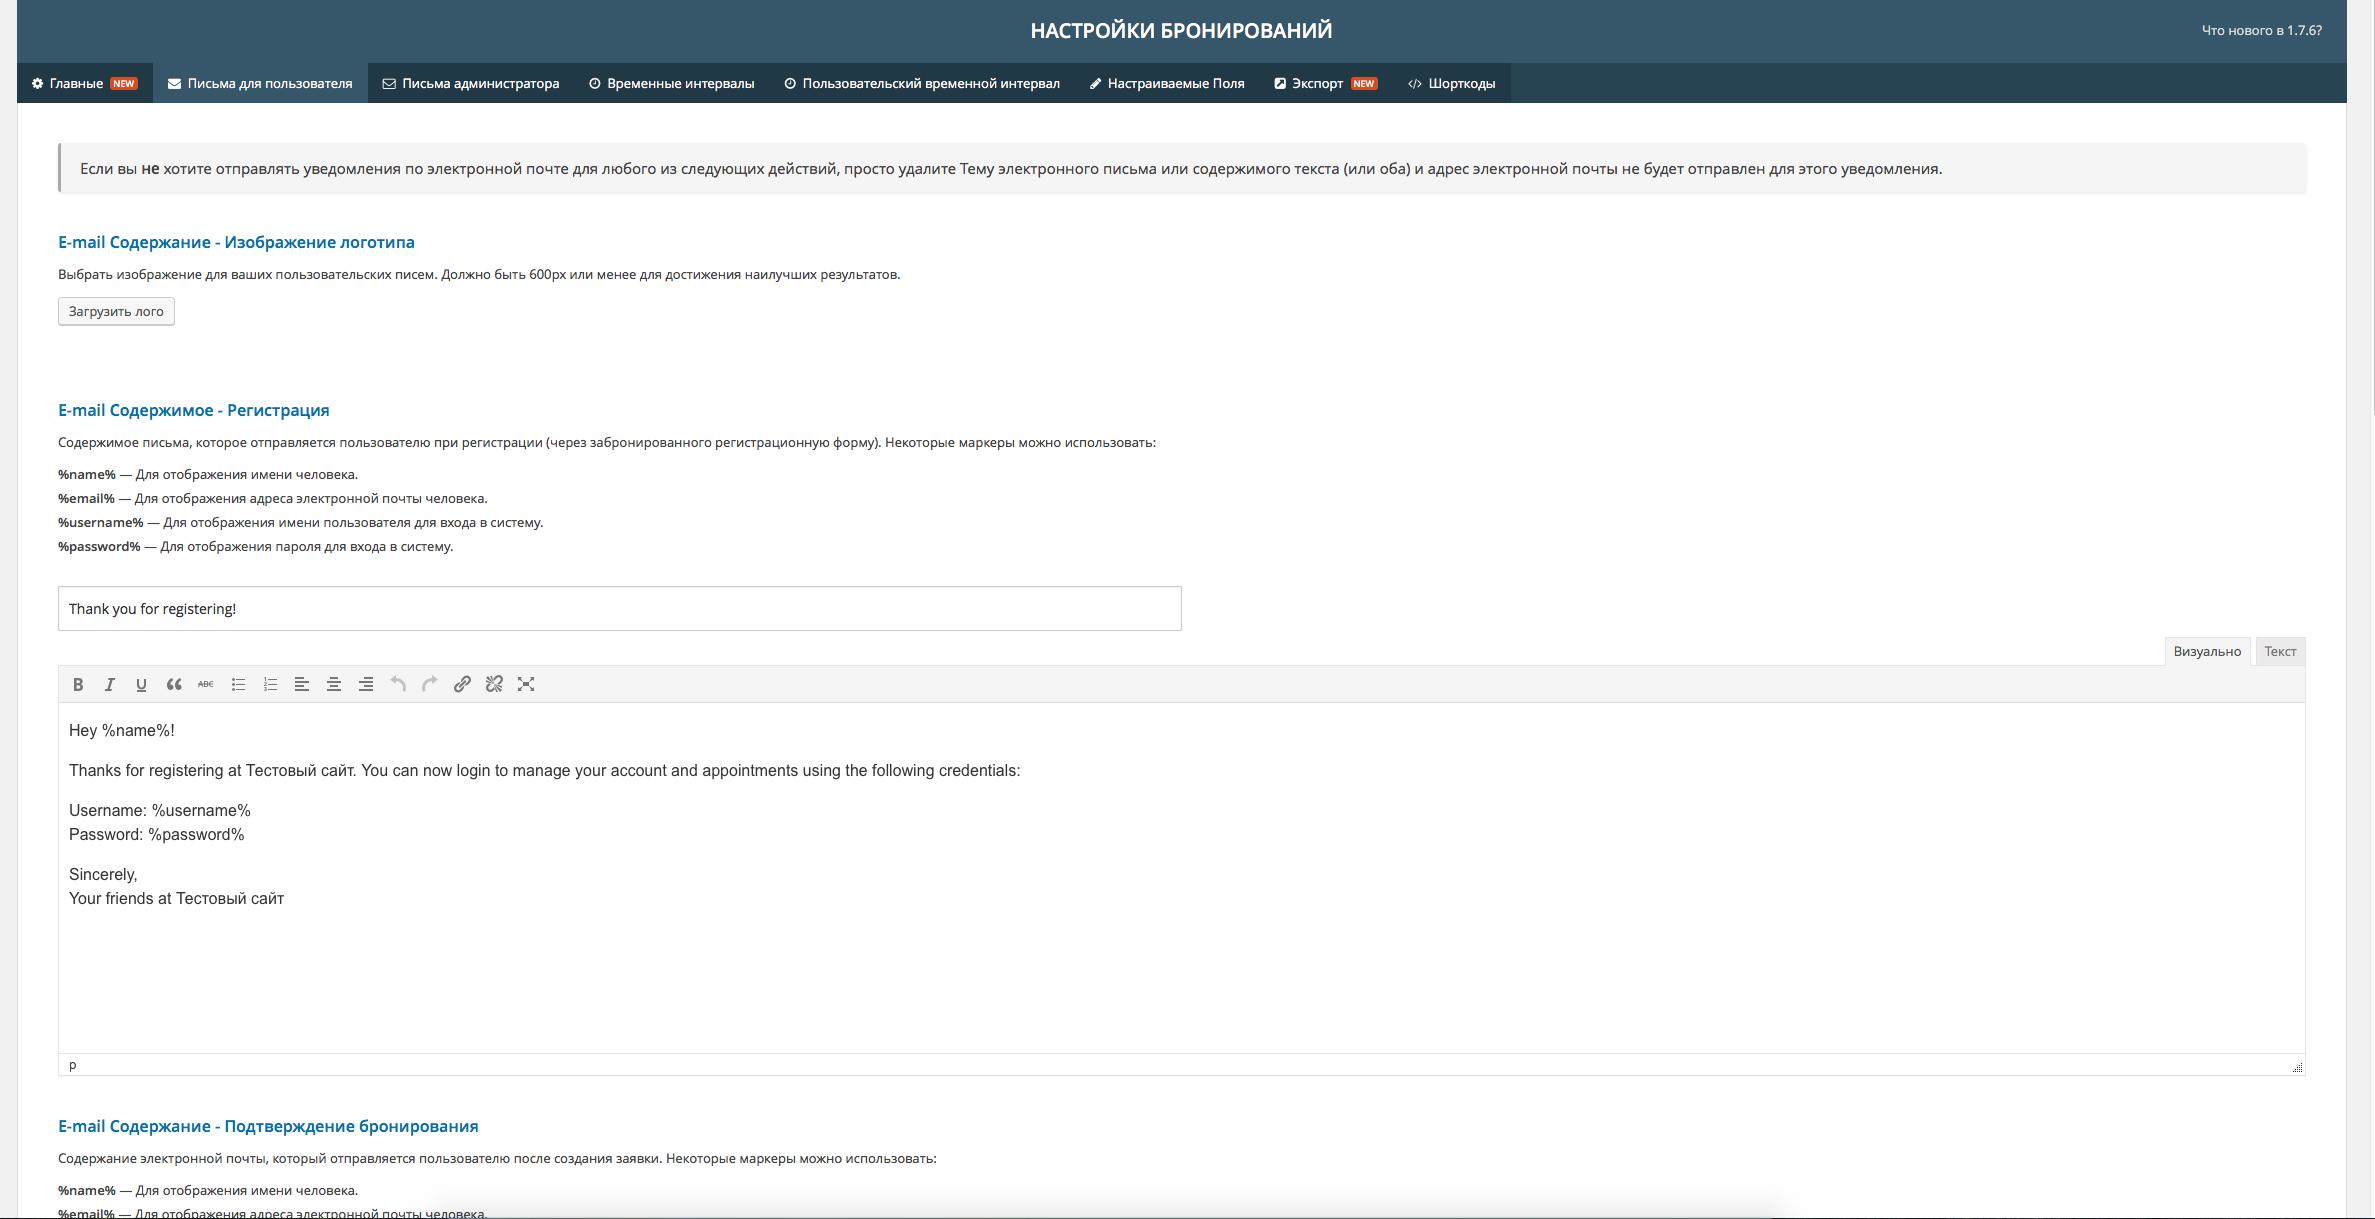 плагины бронирования, плагин бронирования +для wordpress, плагин бронирования вордпресс,